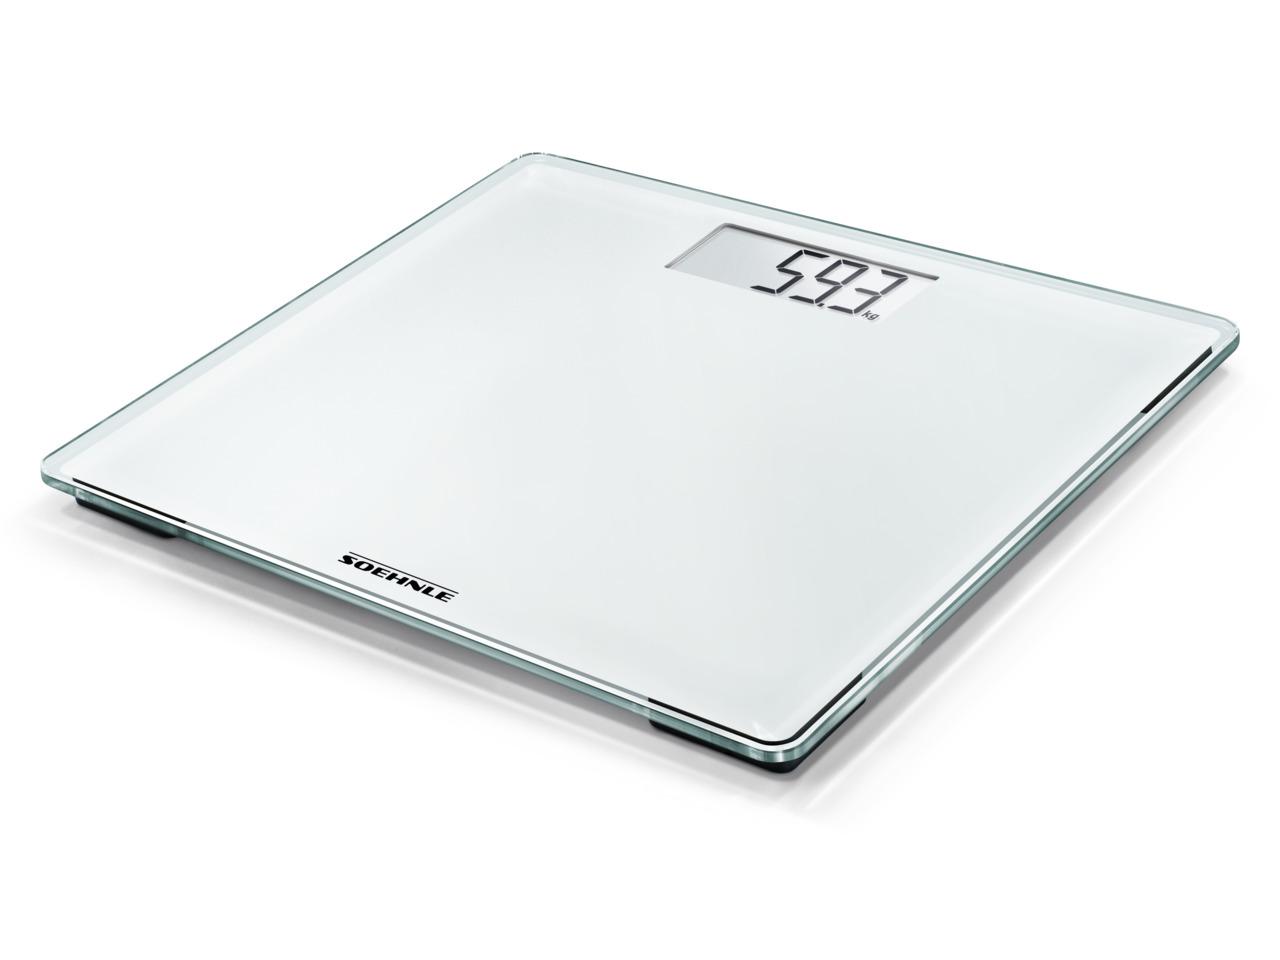 Soehnle Style Sense Compact 200 osobní váha - digitální SOEHNLE 63851